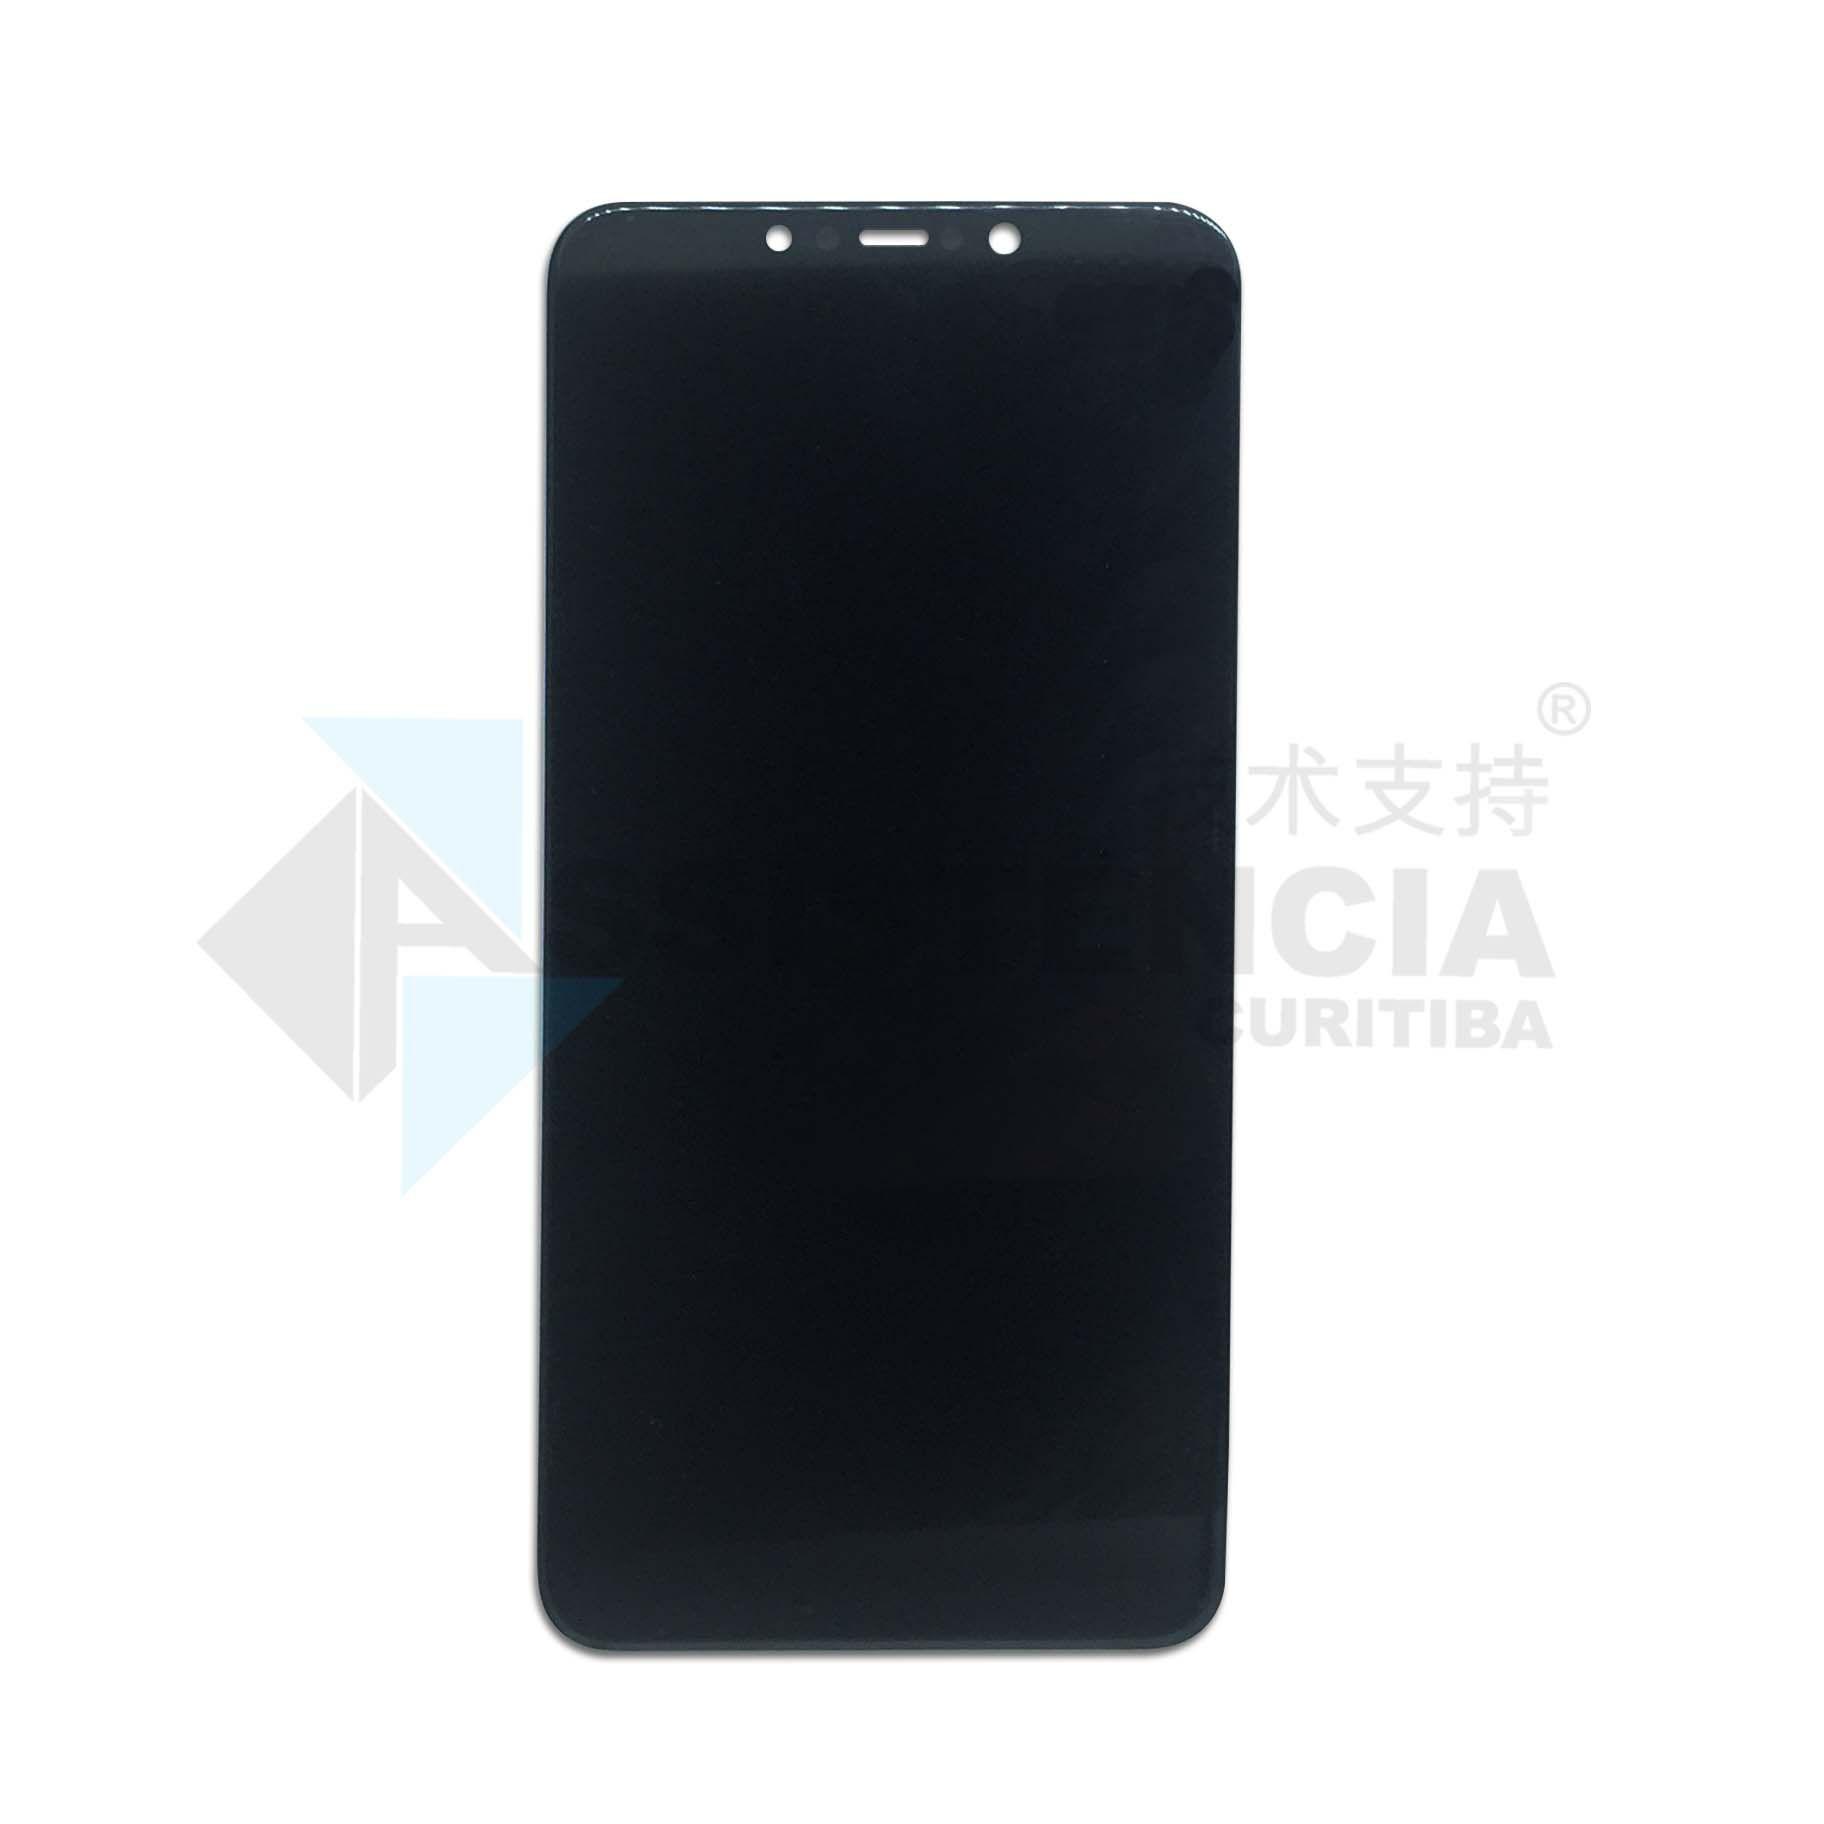 Tela Display Xiaomi Pocophone F1 M1805E10A Original